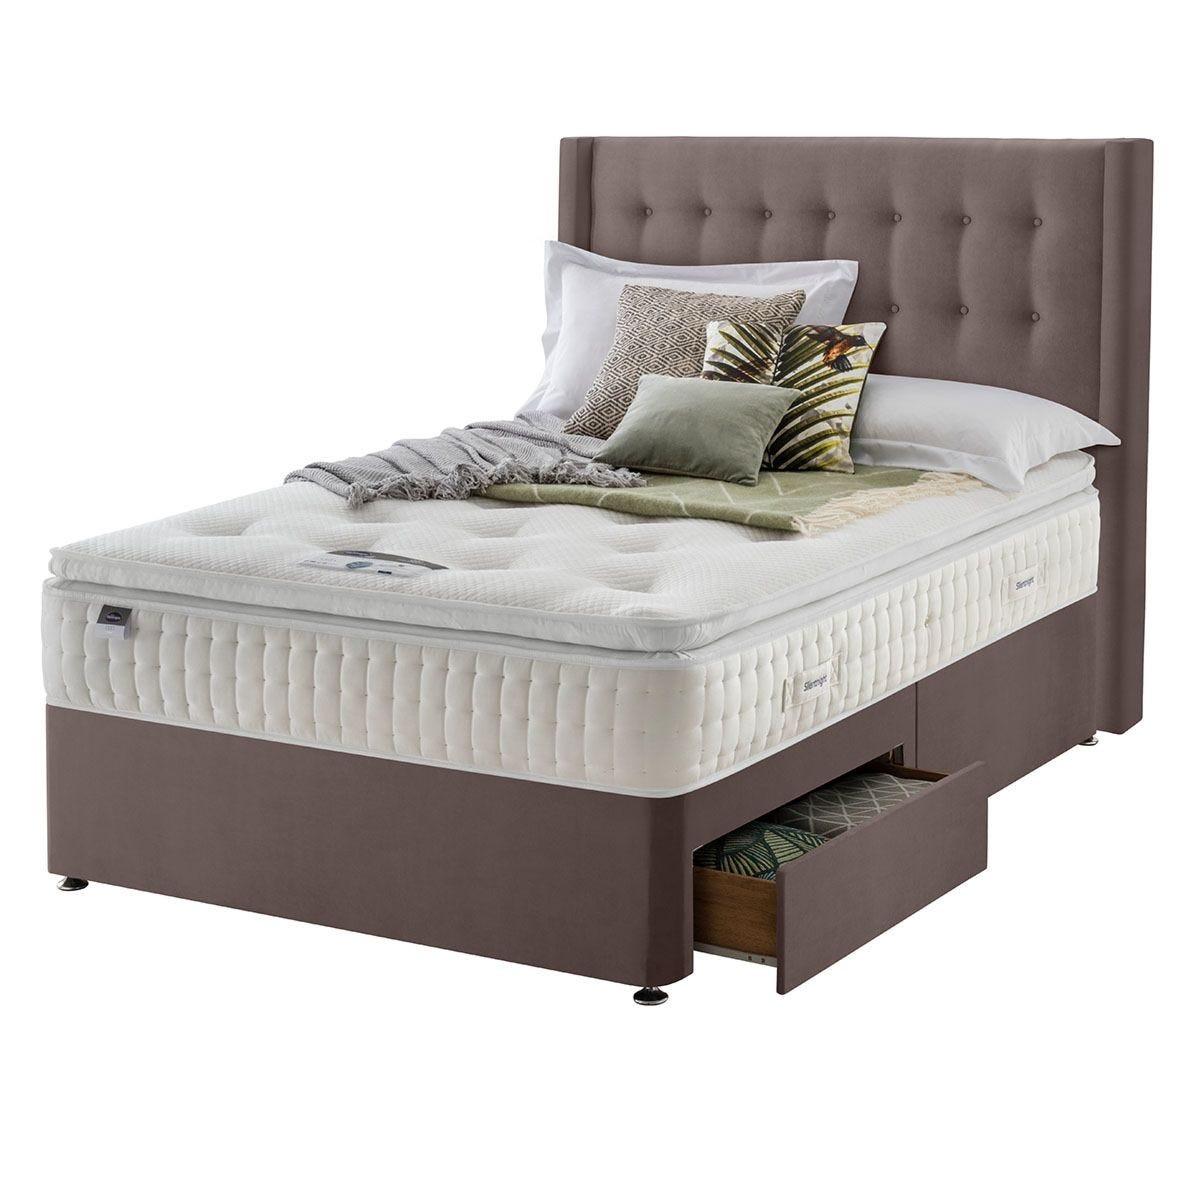 Silentnight Mirapocket Latex 1400 2-Drawer Divan Bed - Velvet Mink Double